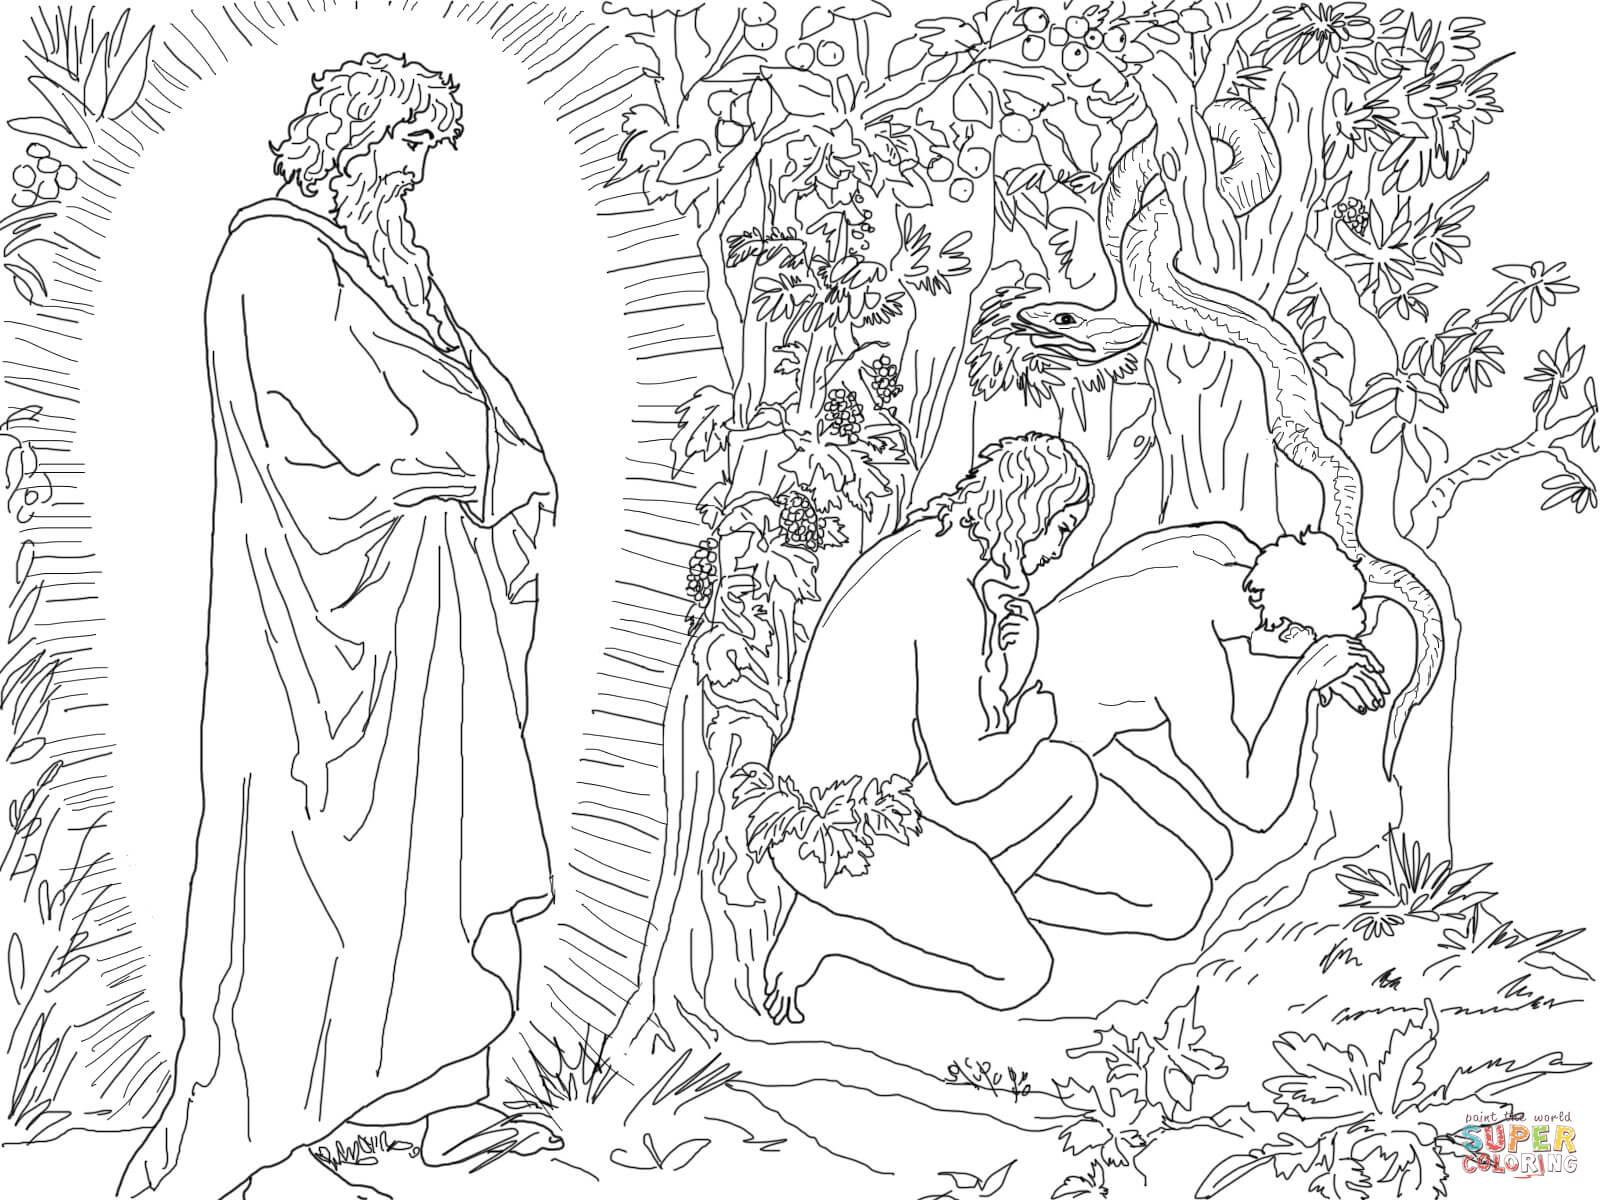 Ausmalbild: Adam Und Eva Fliehen Vor Der Anwesenheit Gottes ganzes Malvorlage Adam Und Eva